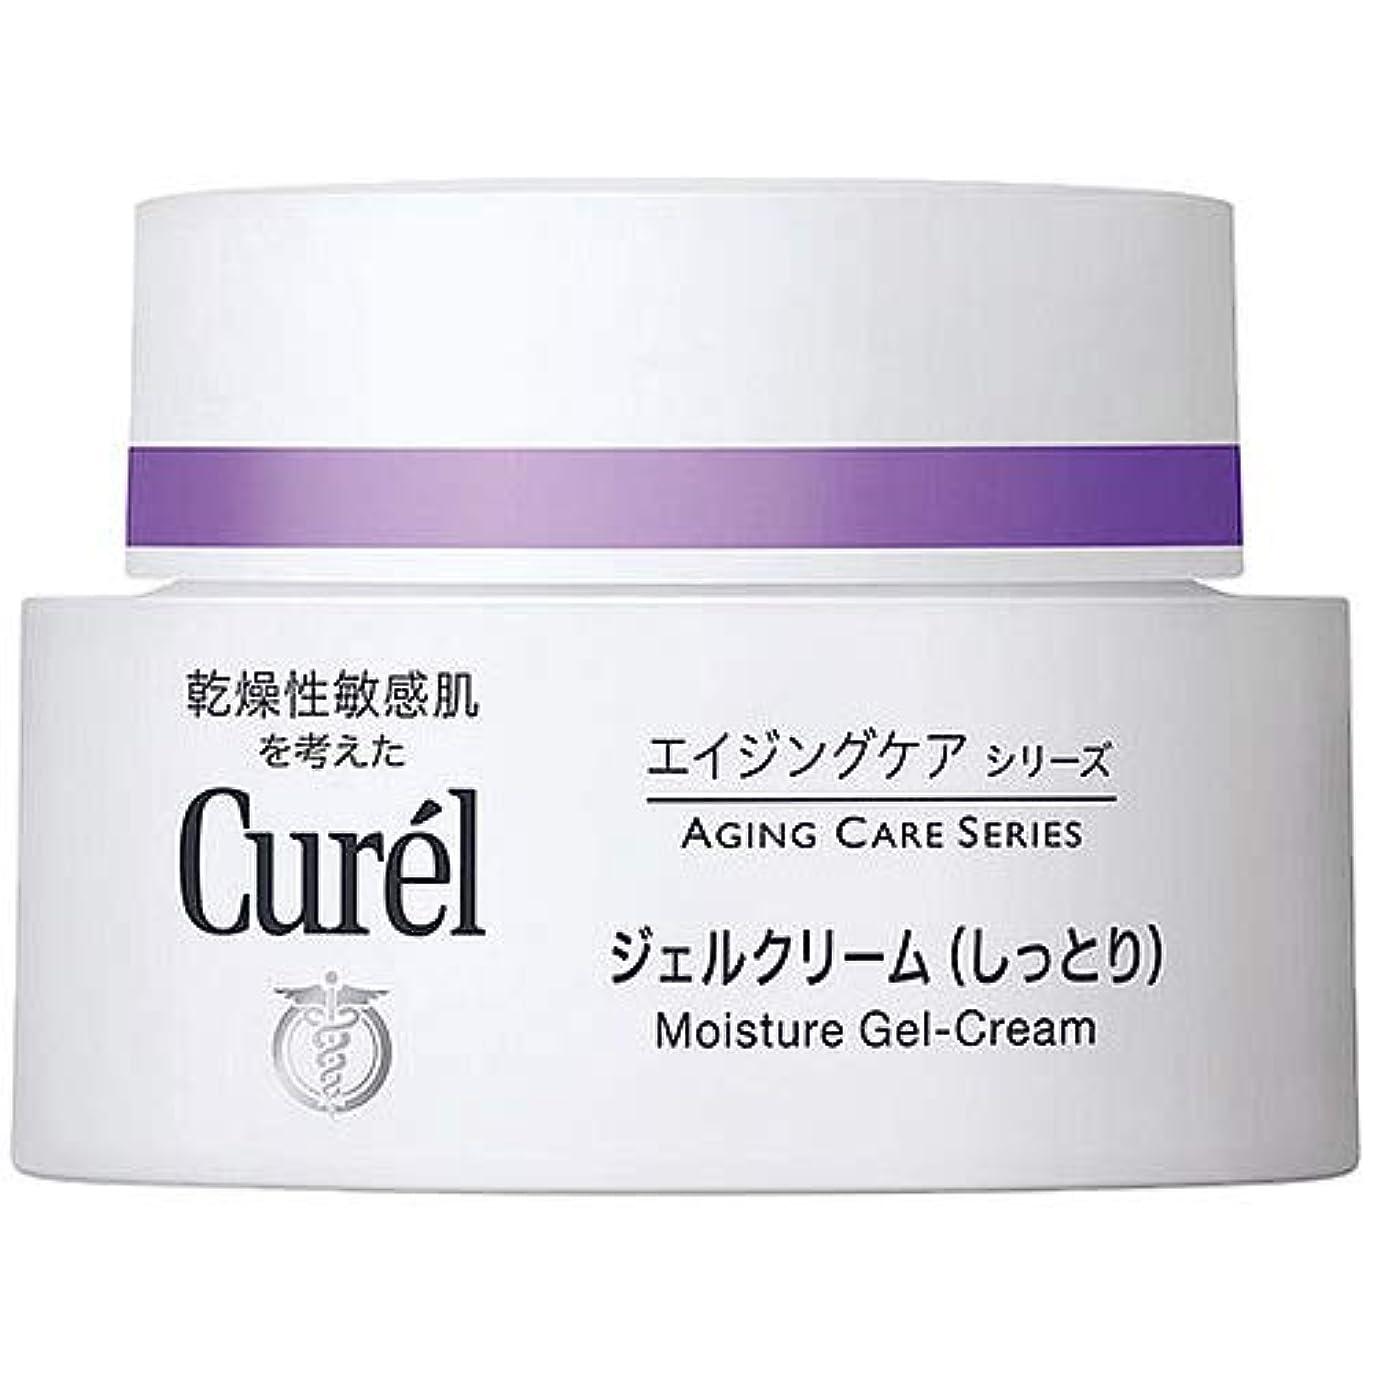 キュレル CUREL エイジングケアシリーズ ジェルクリーム (しっとり) 40g [並行輸入品]